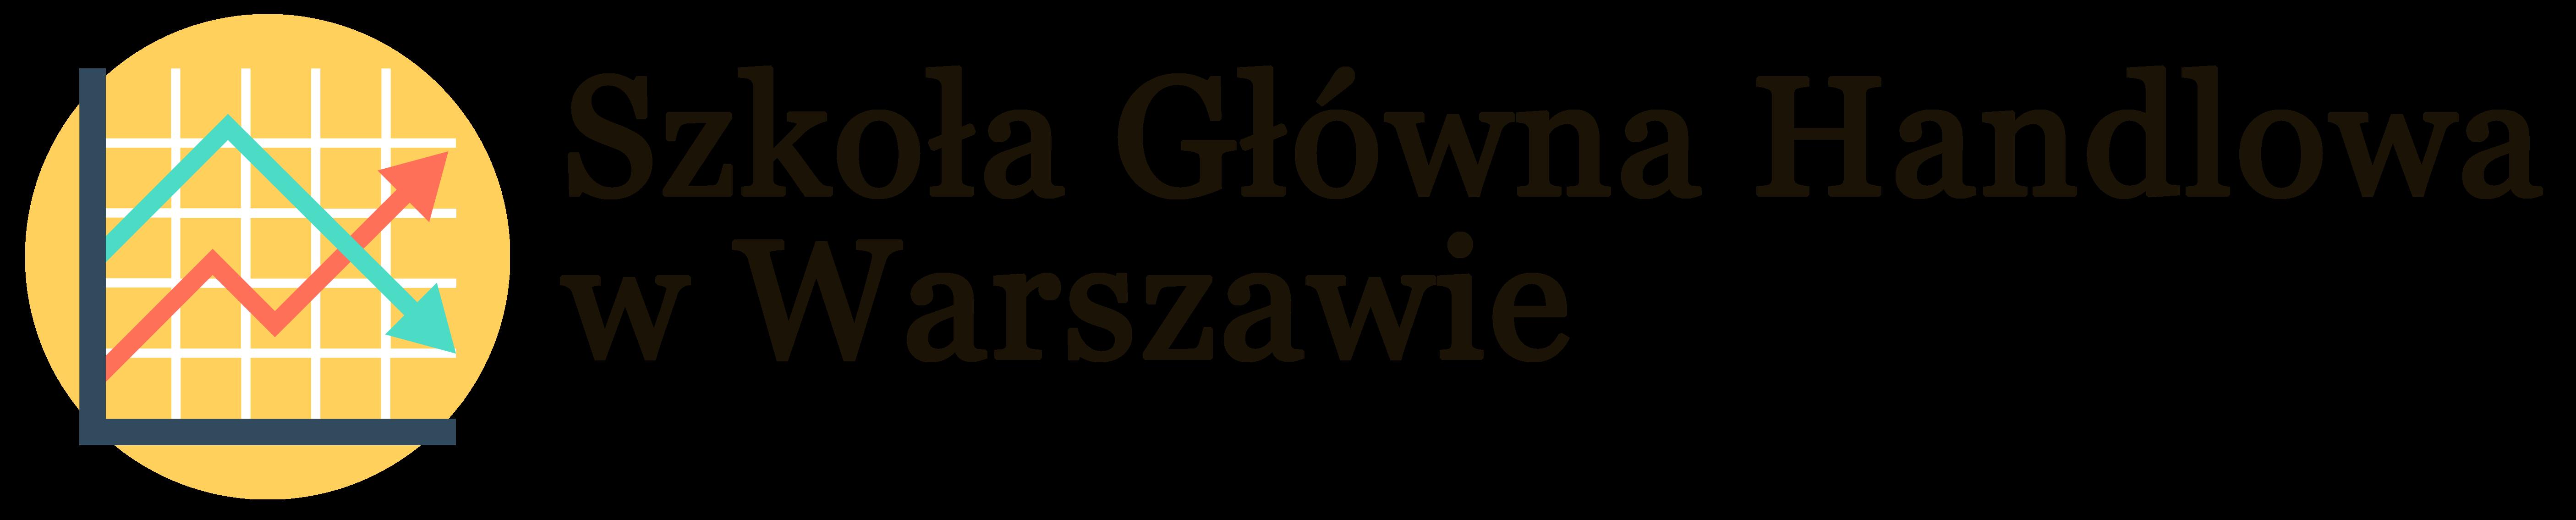 Szkoła Główna Handlowa w Warszawie | Pomoc w pisaniu pracy